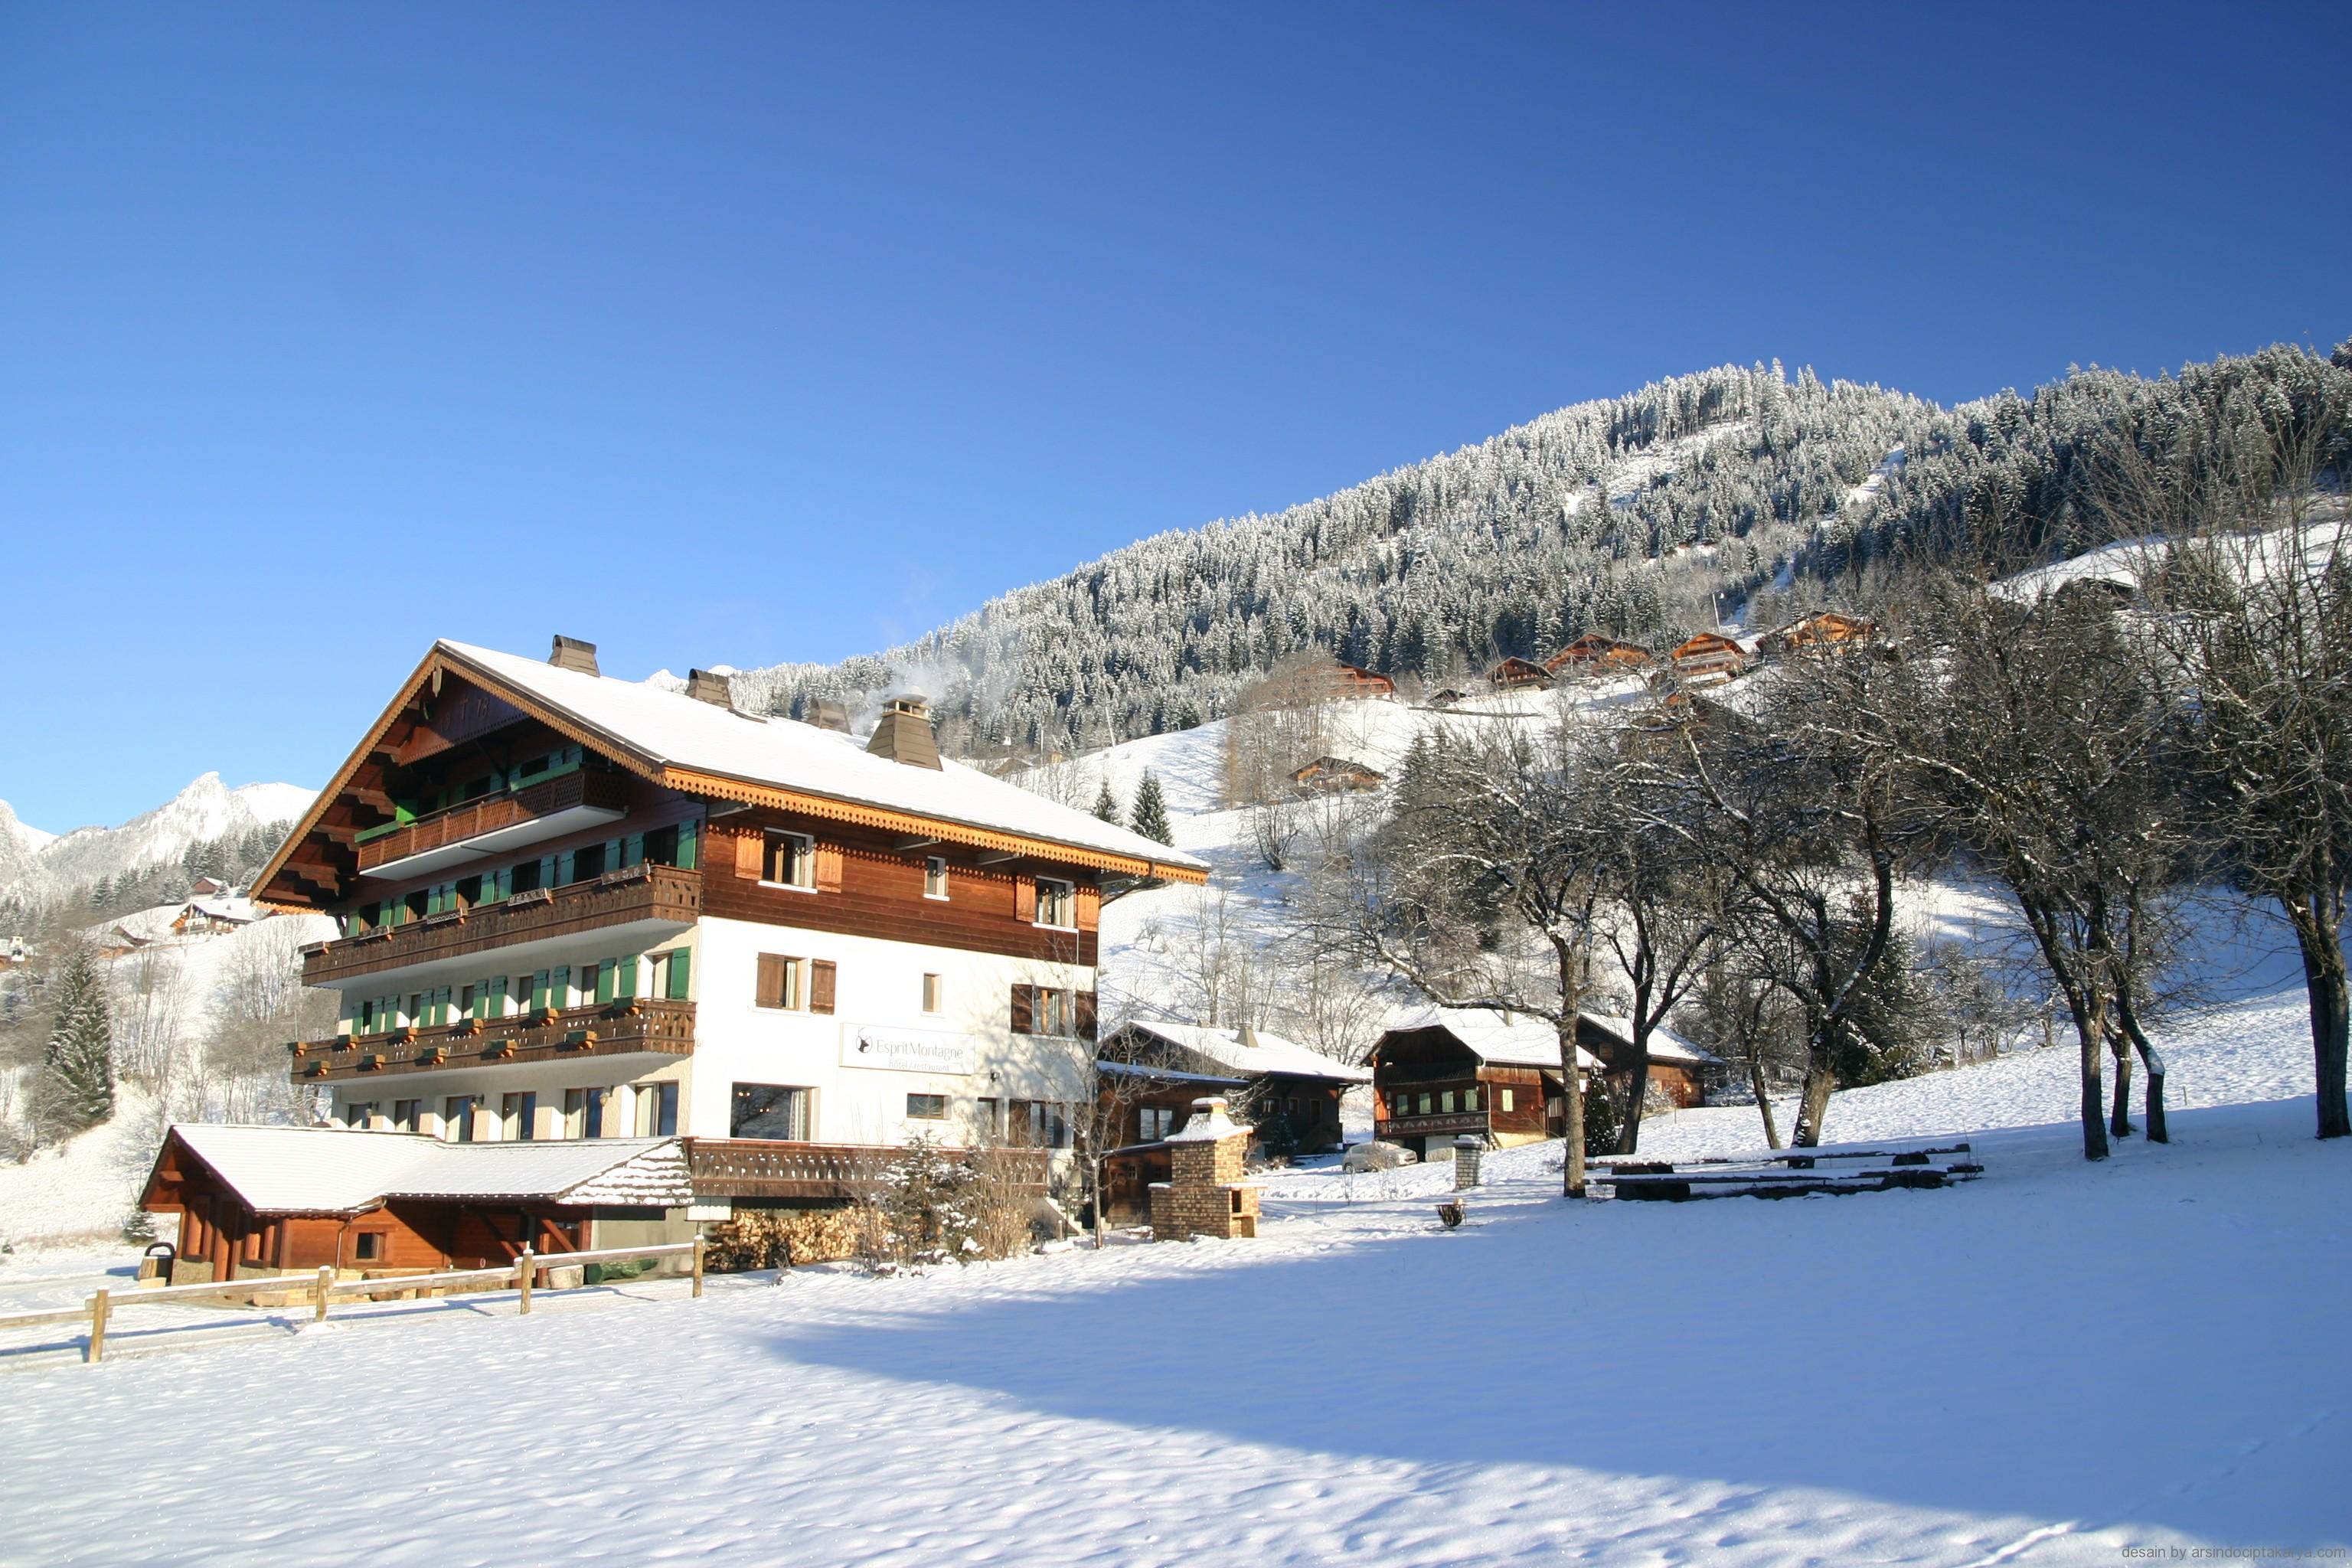 desain hotel di pegunungan